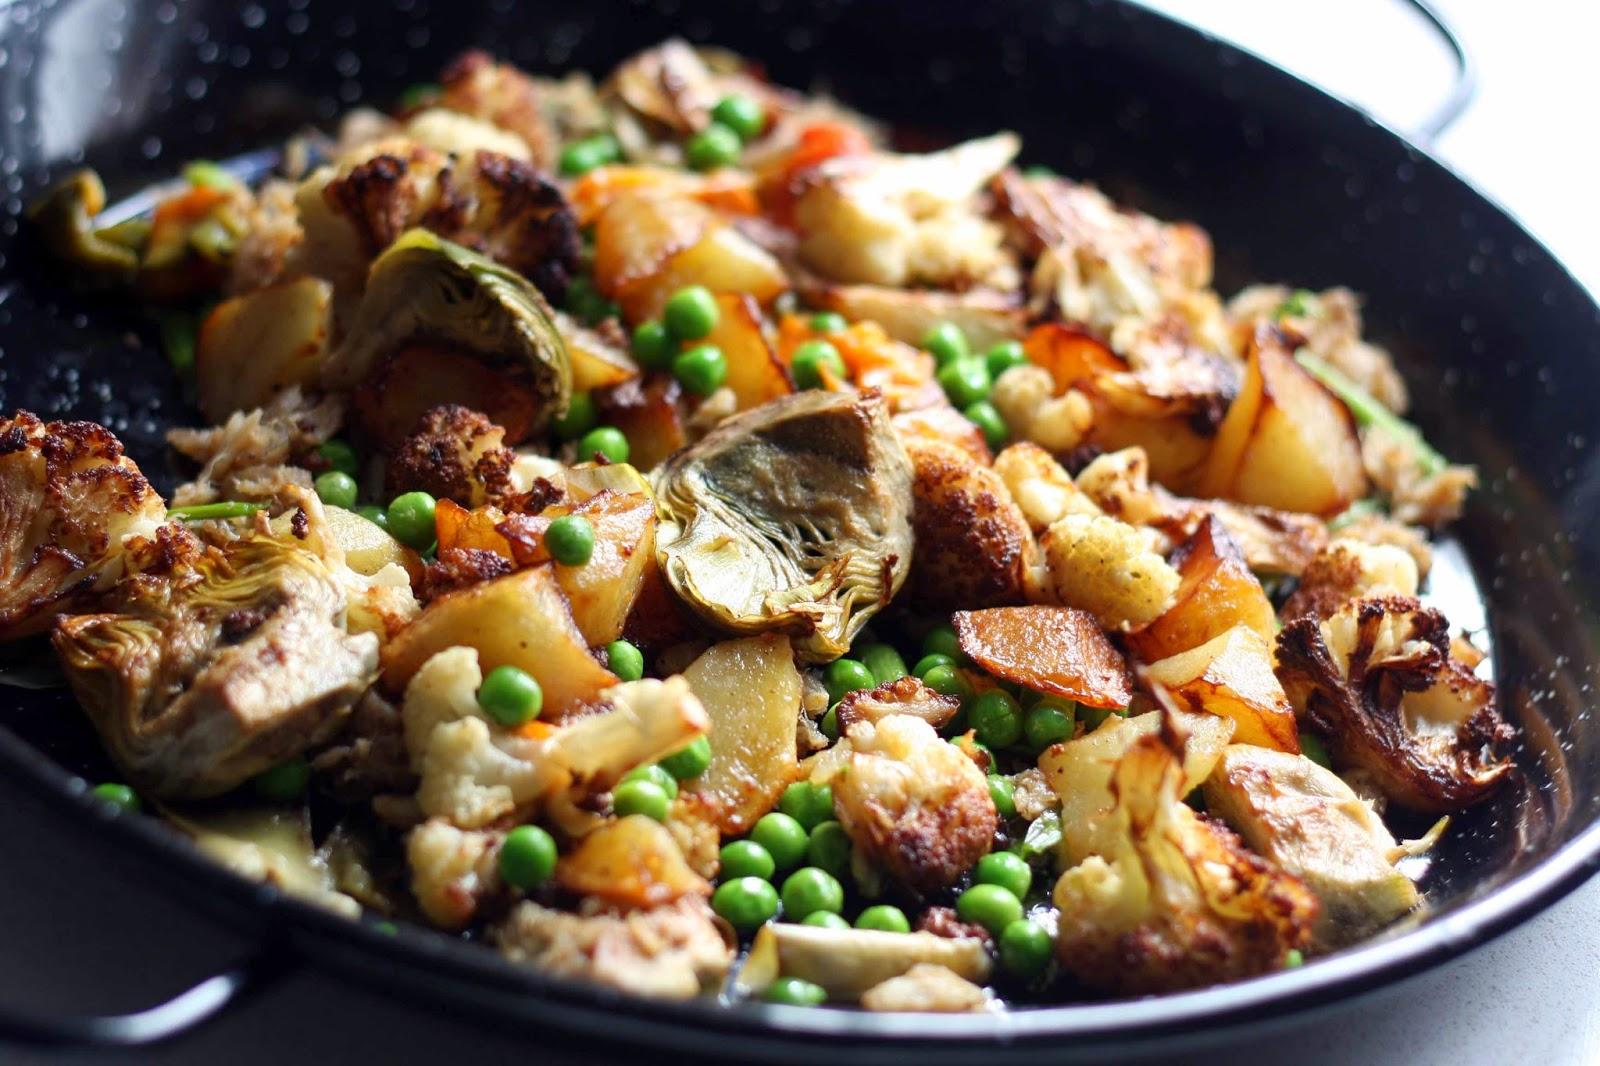 Igloo cooking arroz con bacalao patata y coliflor - Arroz con bacalao desmigado ...